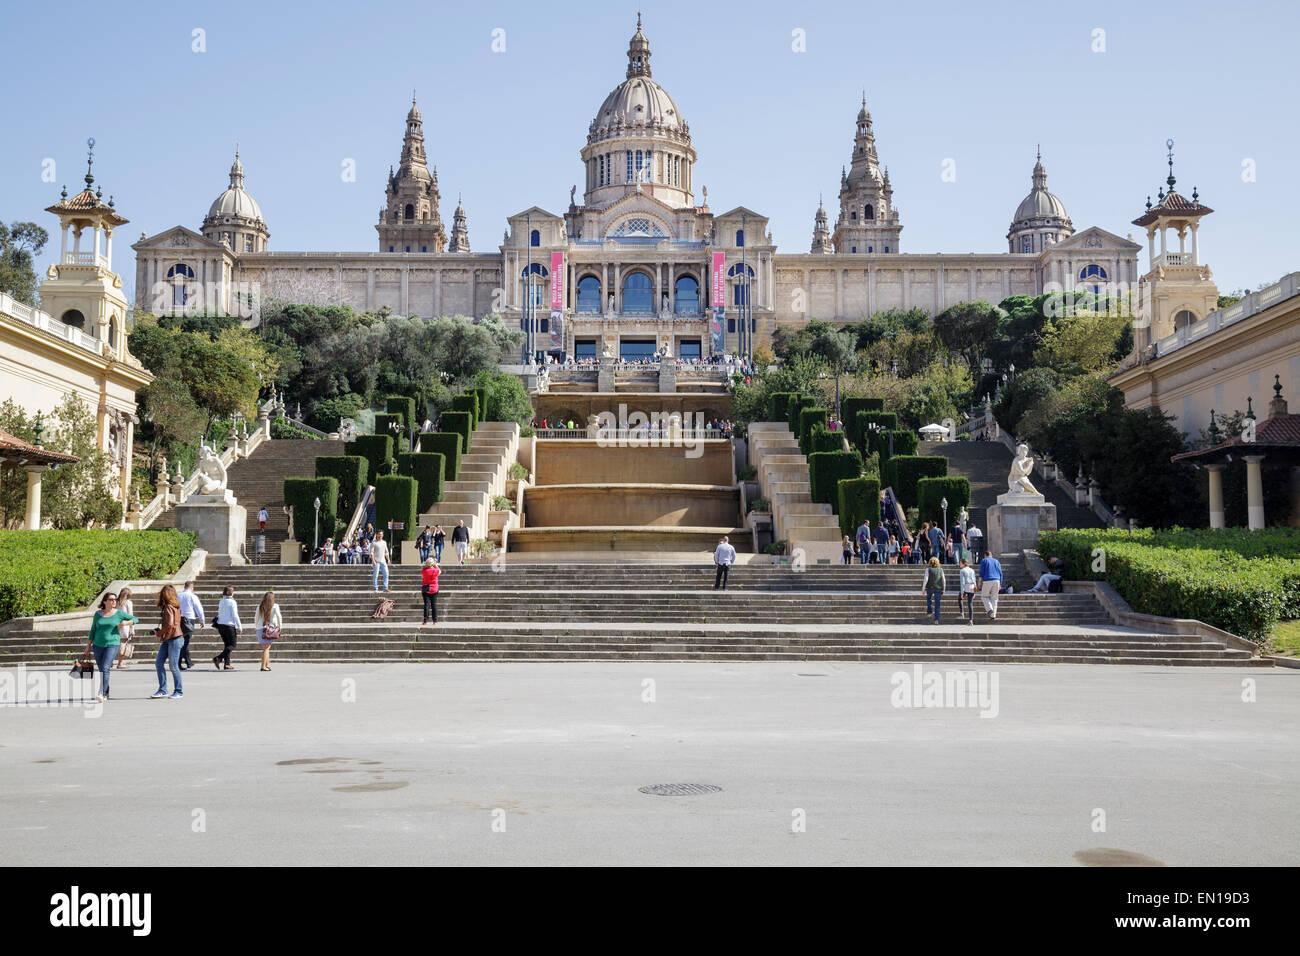 Musée national d'Art de Catalogne, Barcelone, Catalogne, Espagne Photo Stock